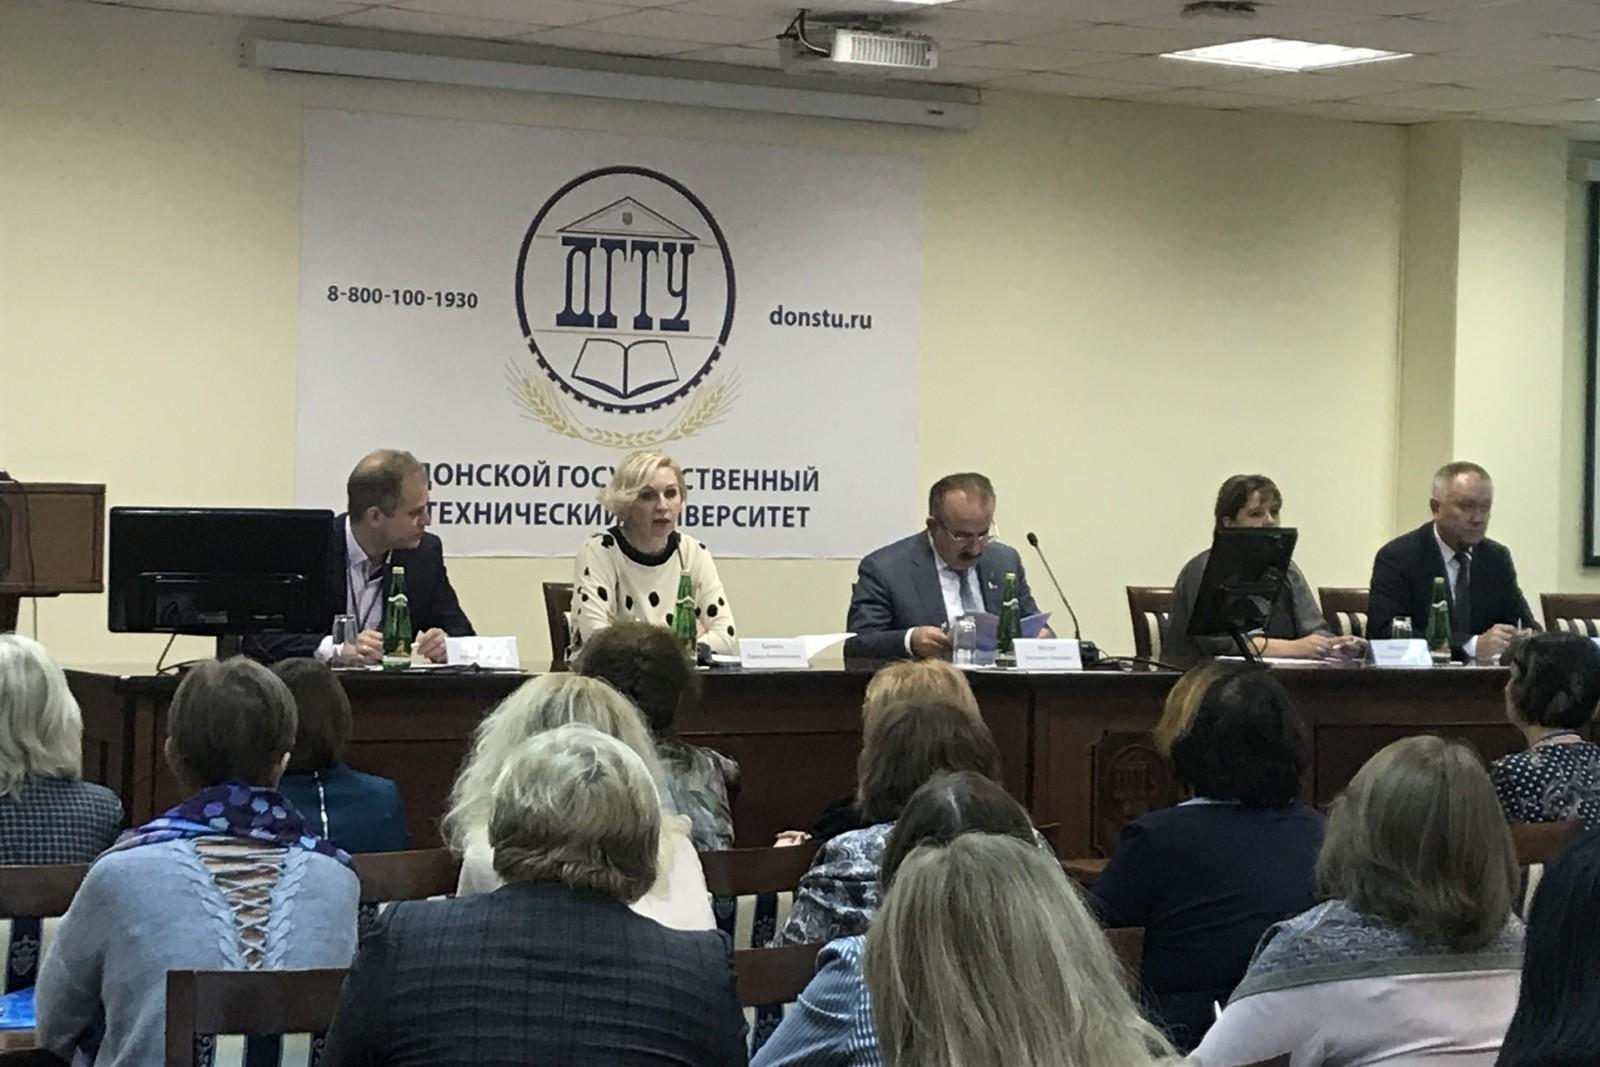 Всероссийский семинар, посвящённый особенностям развития детей-аутистов, стартовал в Ростове-на-Дону